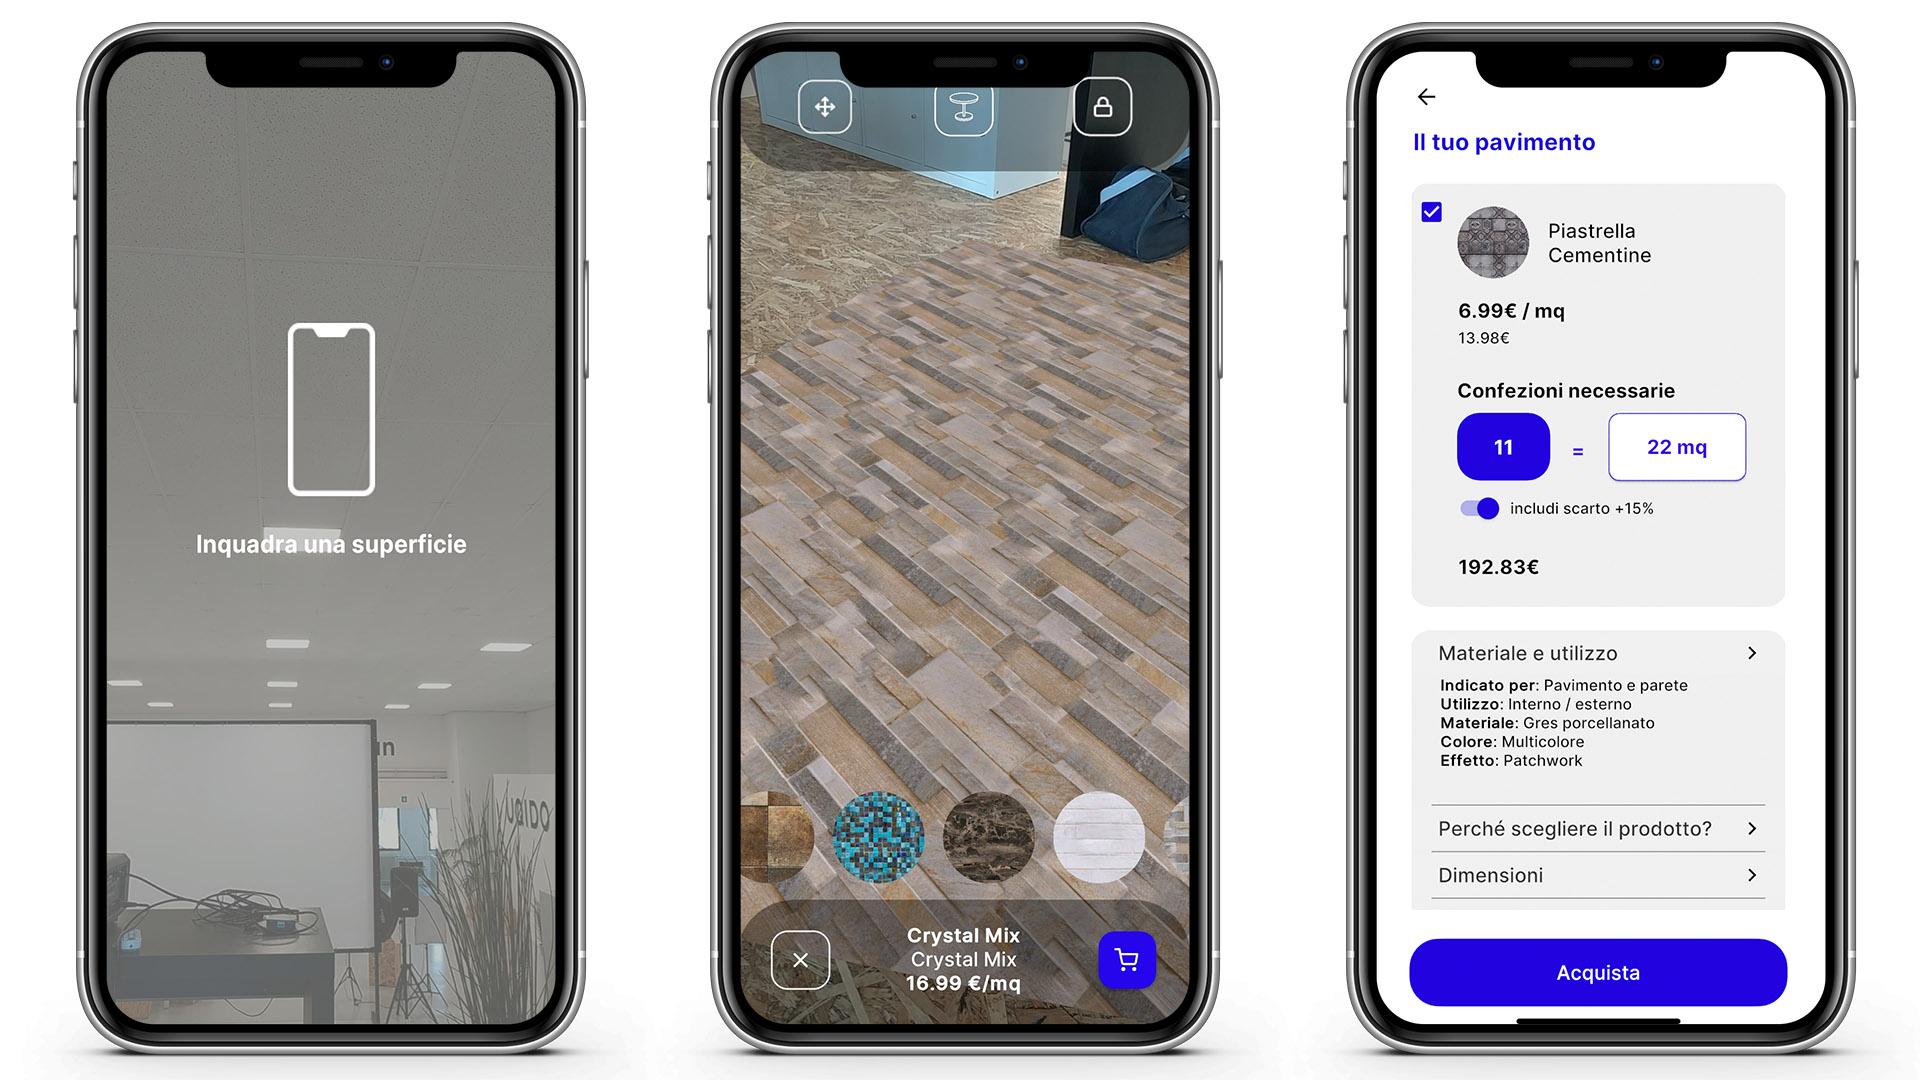 Schermate utilizzo dell'app per posizionare pavimenti